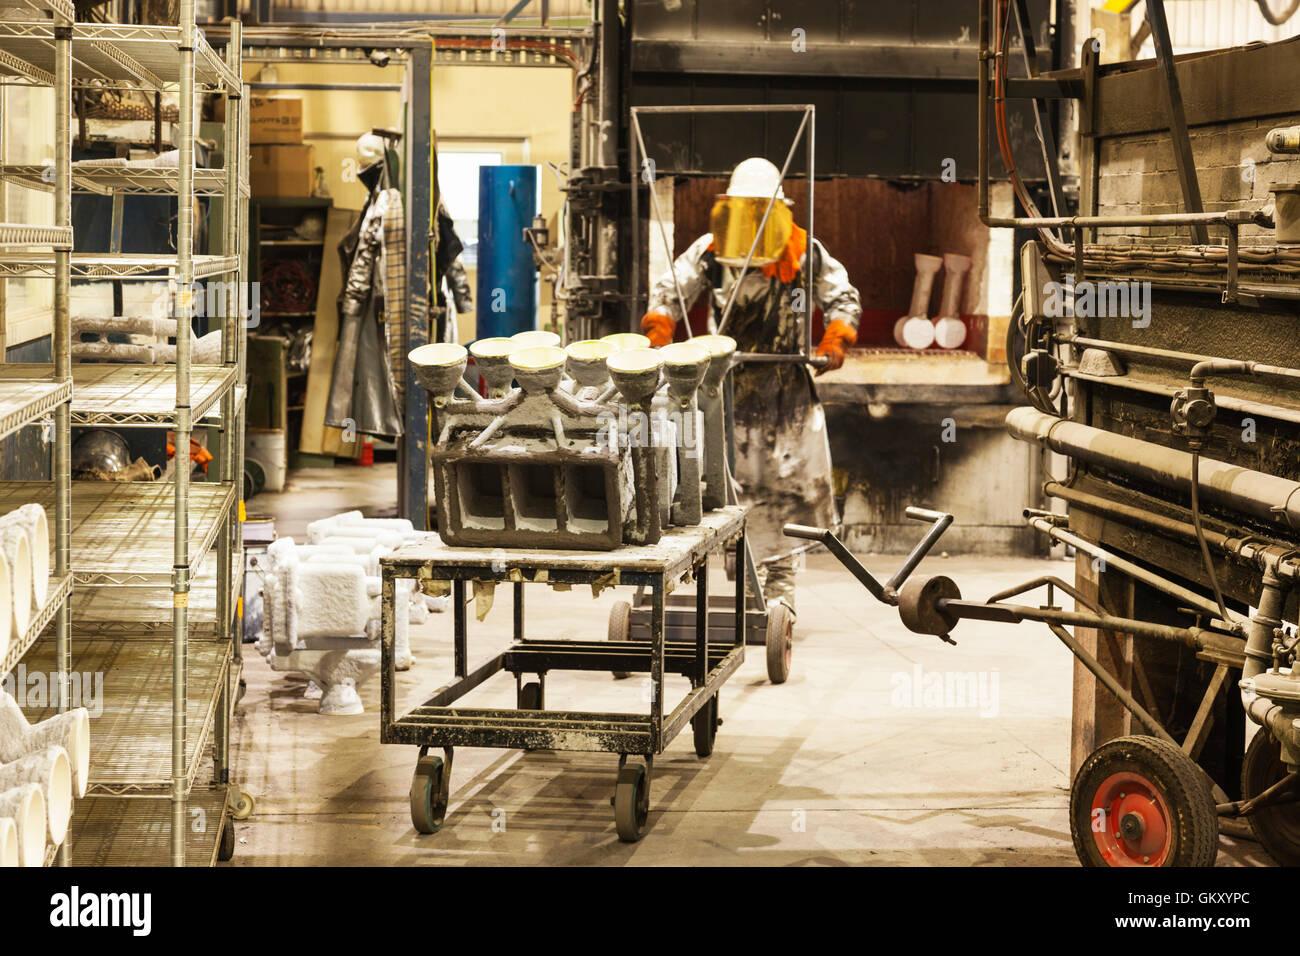 Arbeiter in Sicherheit zu tragen, Schleifen Metallteile für die weitere Verarbeitung, Herstellung von Komponenten Stockfoto